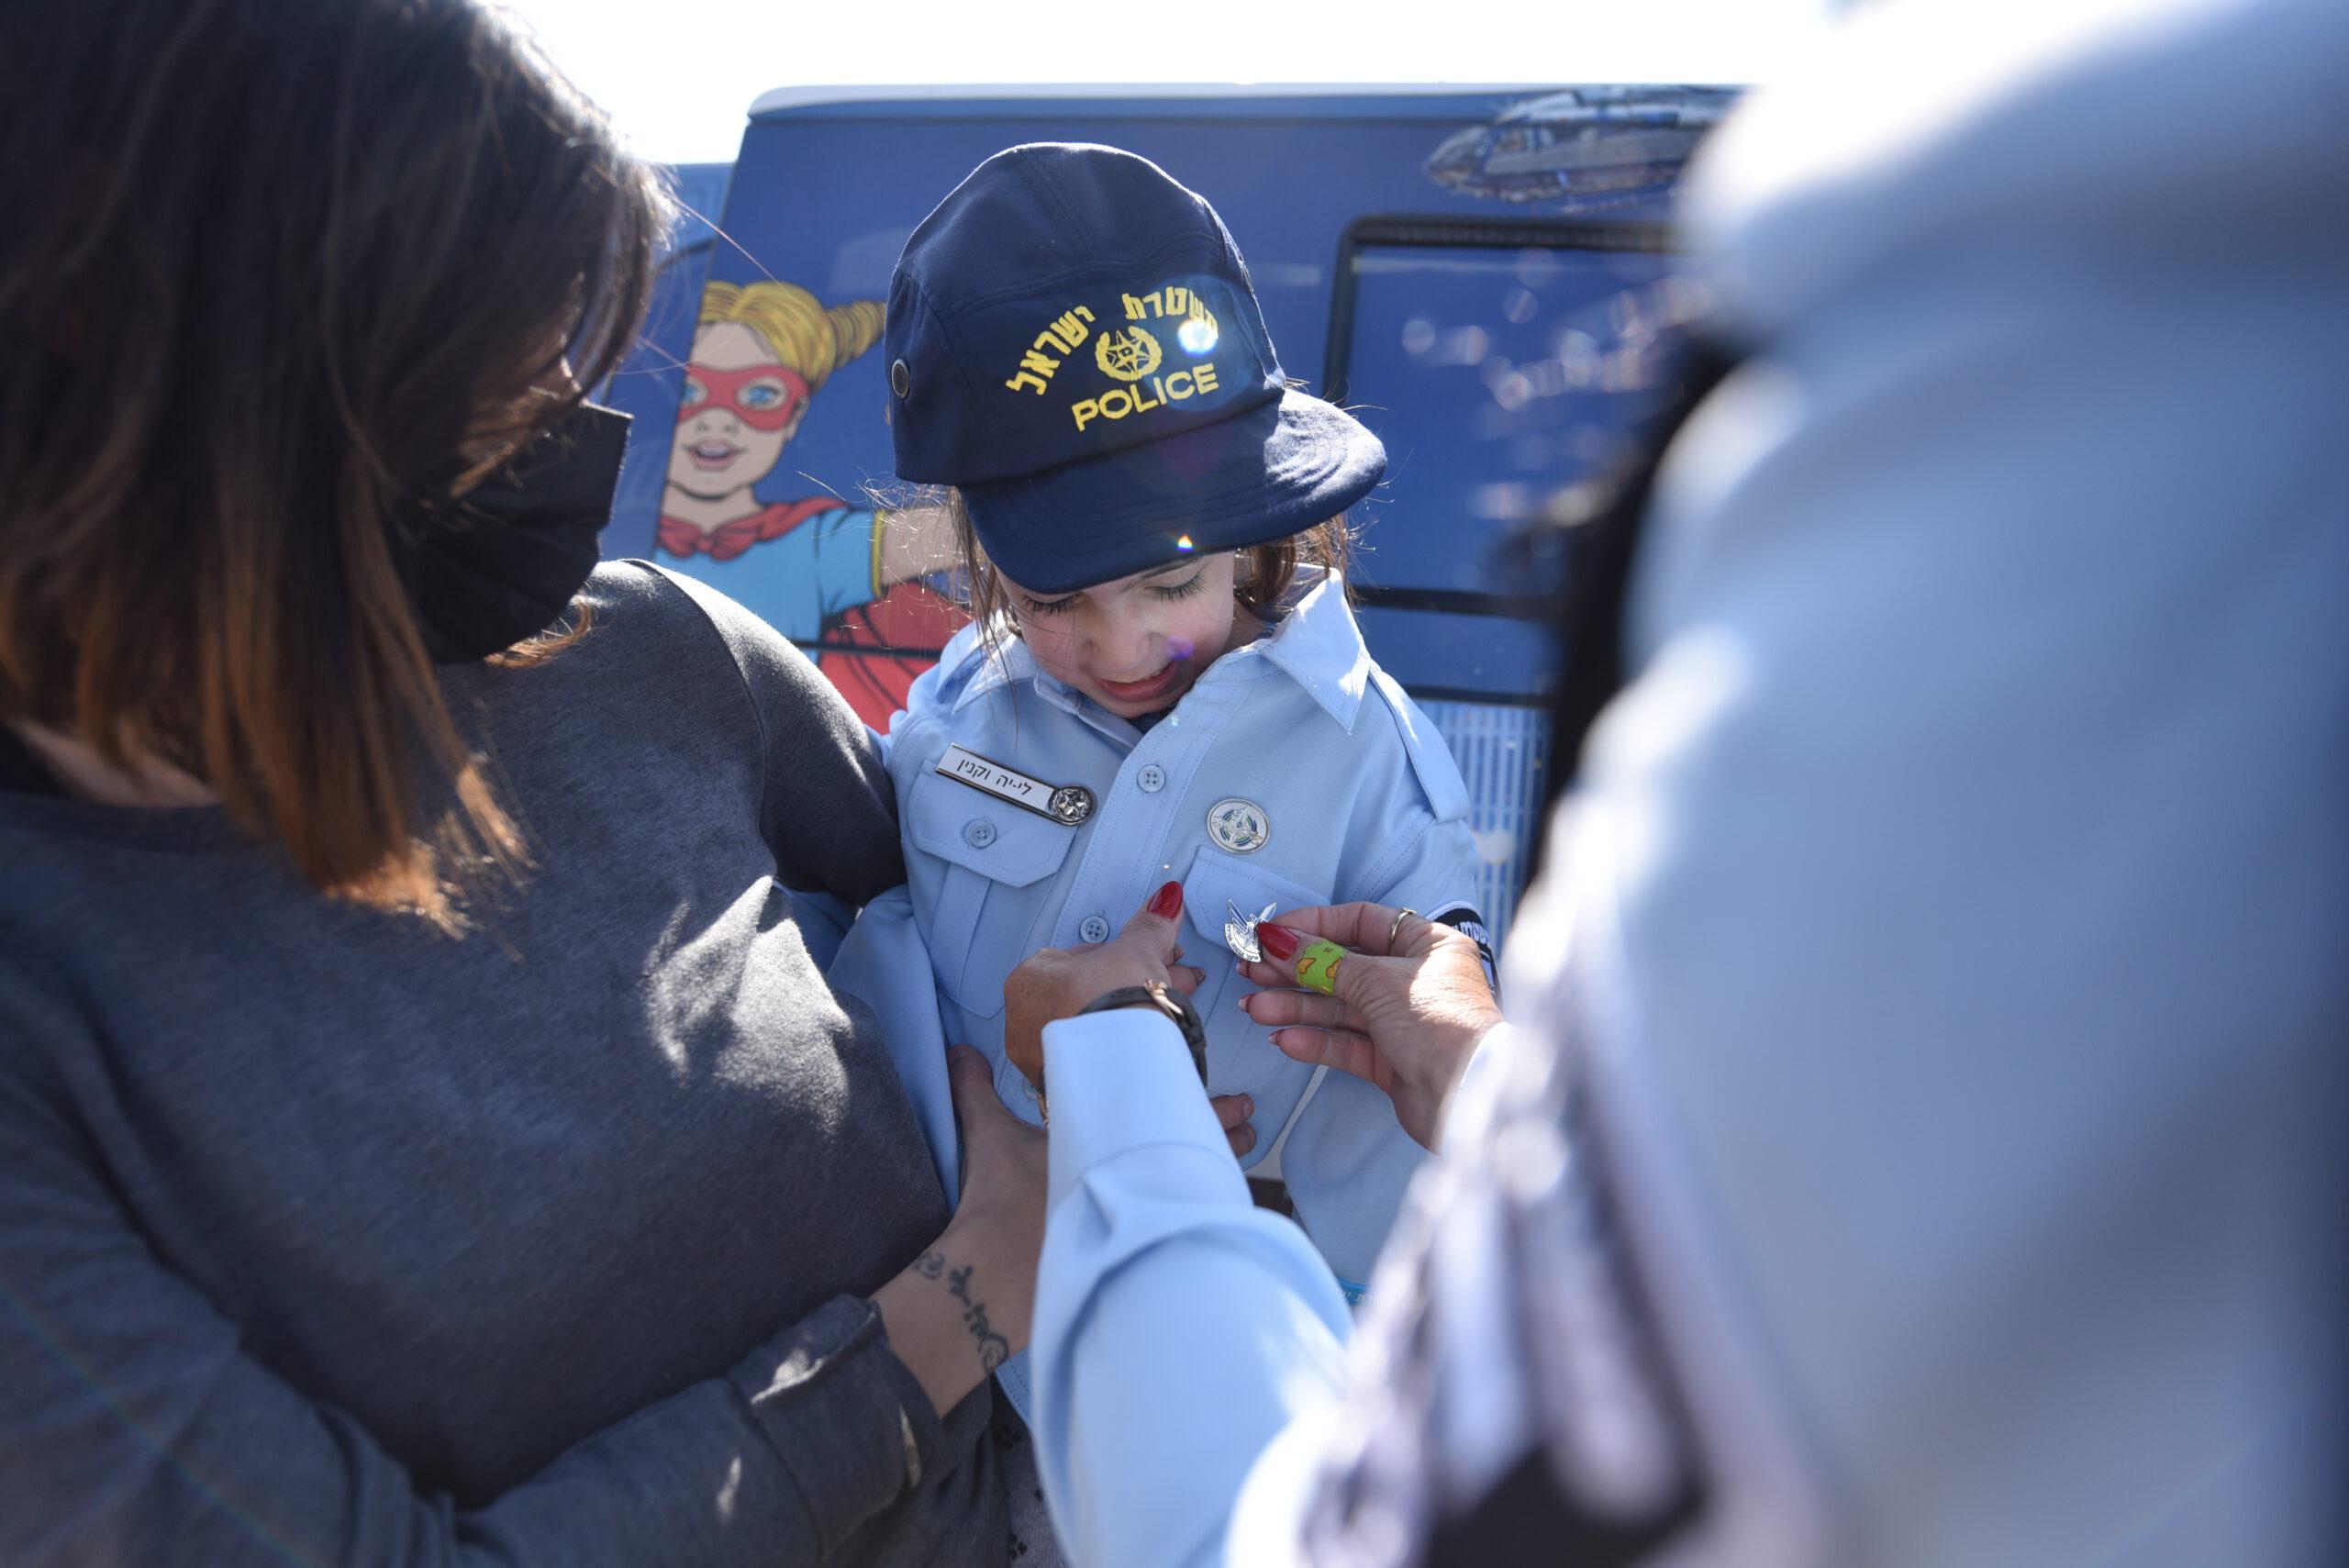 ניידת המשאלות של משטרת ישראל הגשימה חלום ללי-יה בת ה-6 מקריית שמונה ולחוסיין בן ה-6 מטובא זנגרייה להיות שוטרים ליום אחד